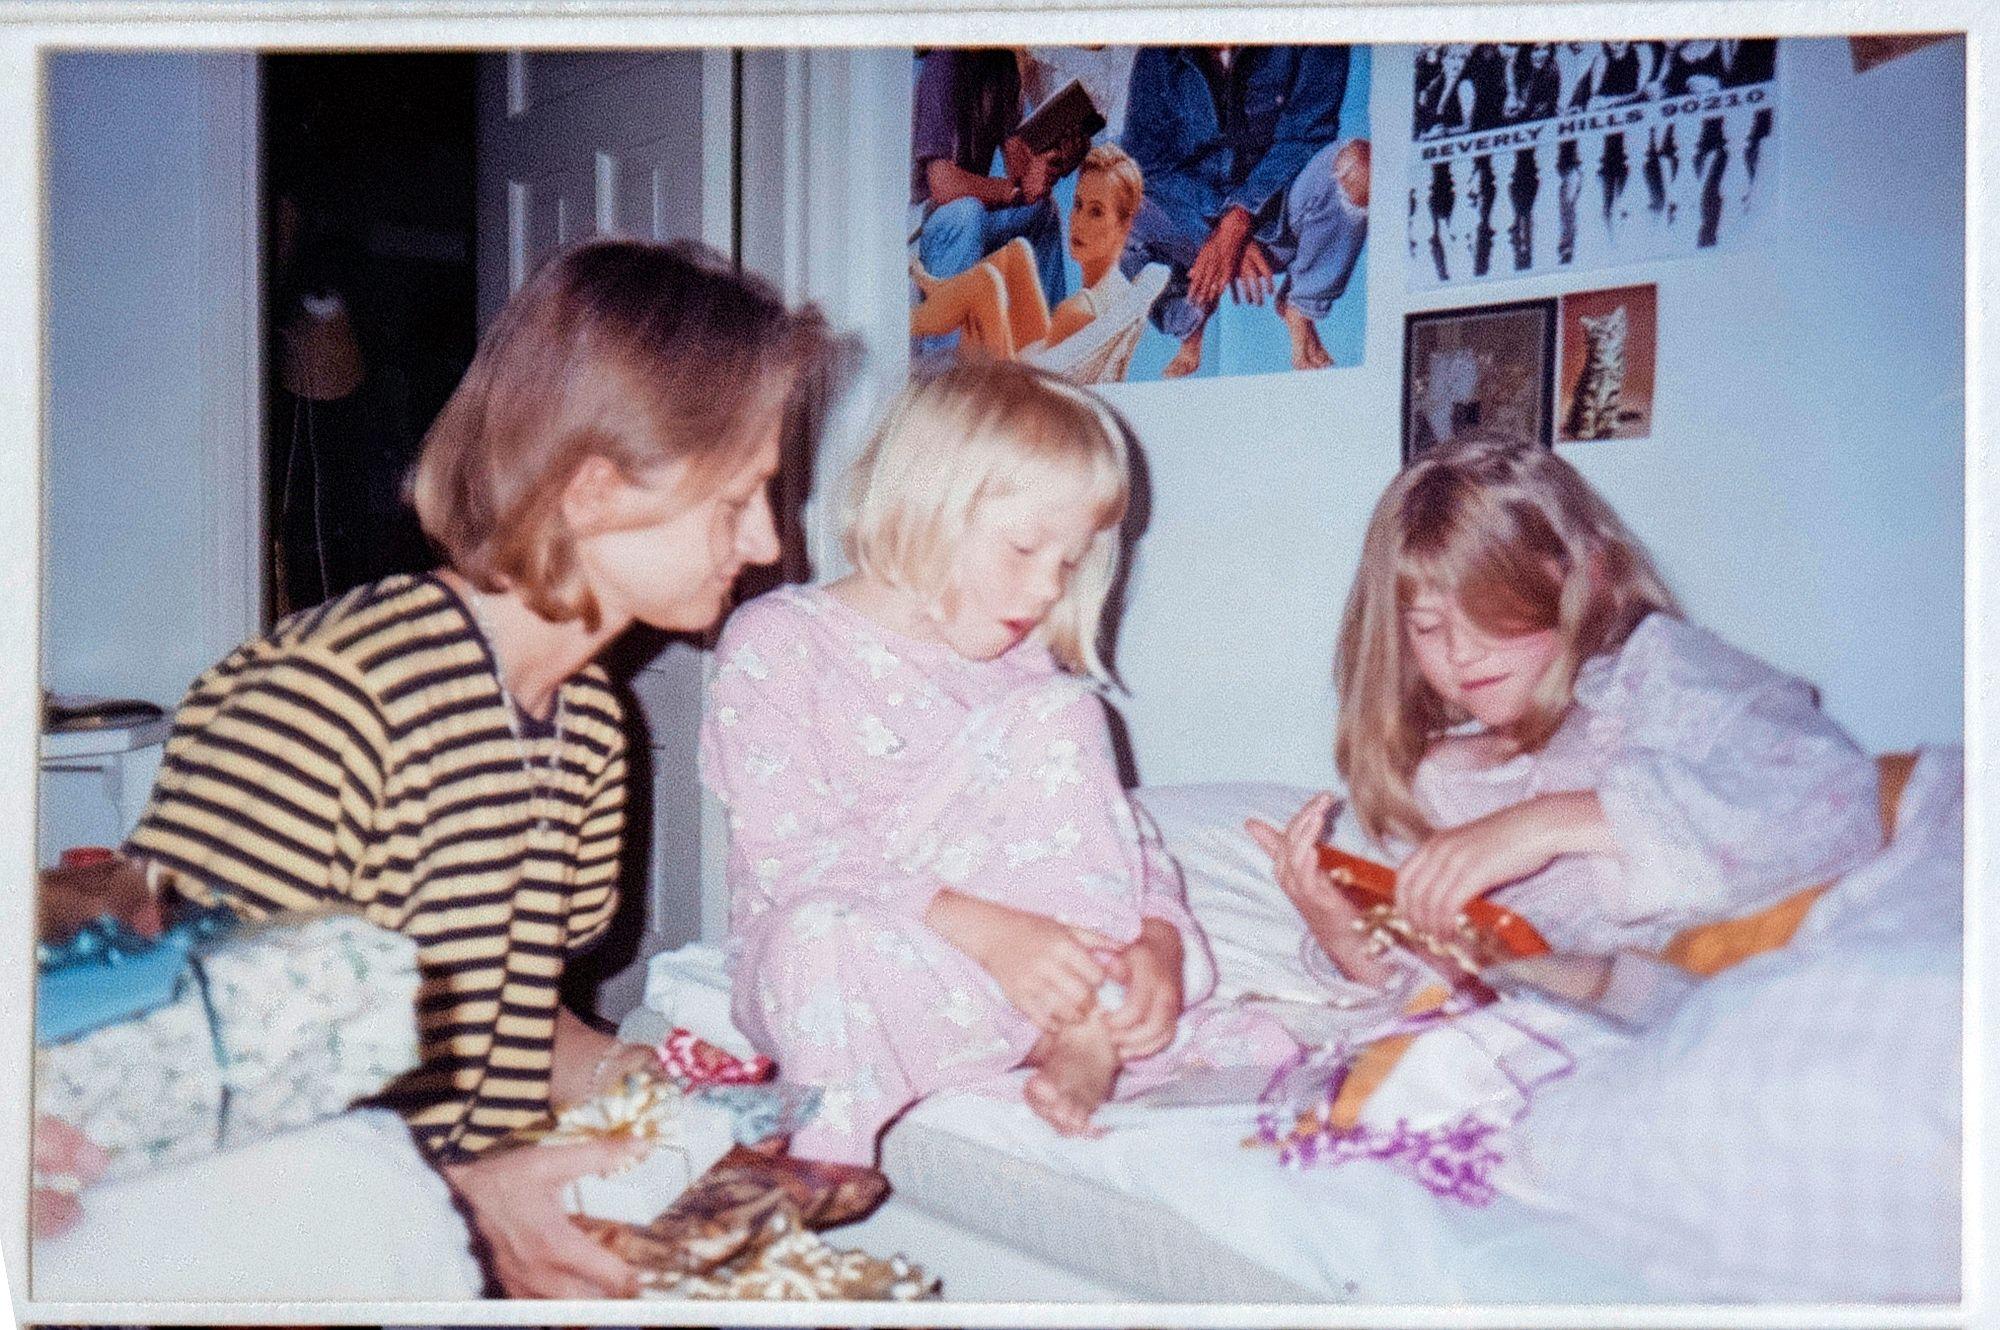 Heinäkuussa 1995 Tiina ja 6-vuotias Petra-sisko toivat Carlalle 10-vuotissyntymäpäivälahjat vuoteeseen. © Aku Ratsula